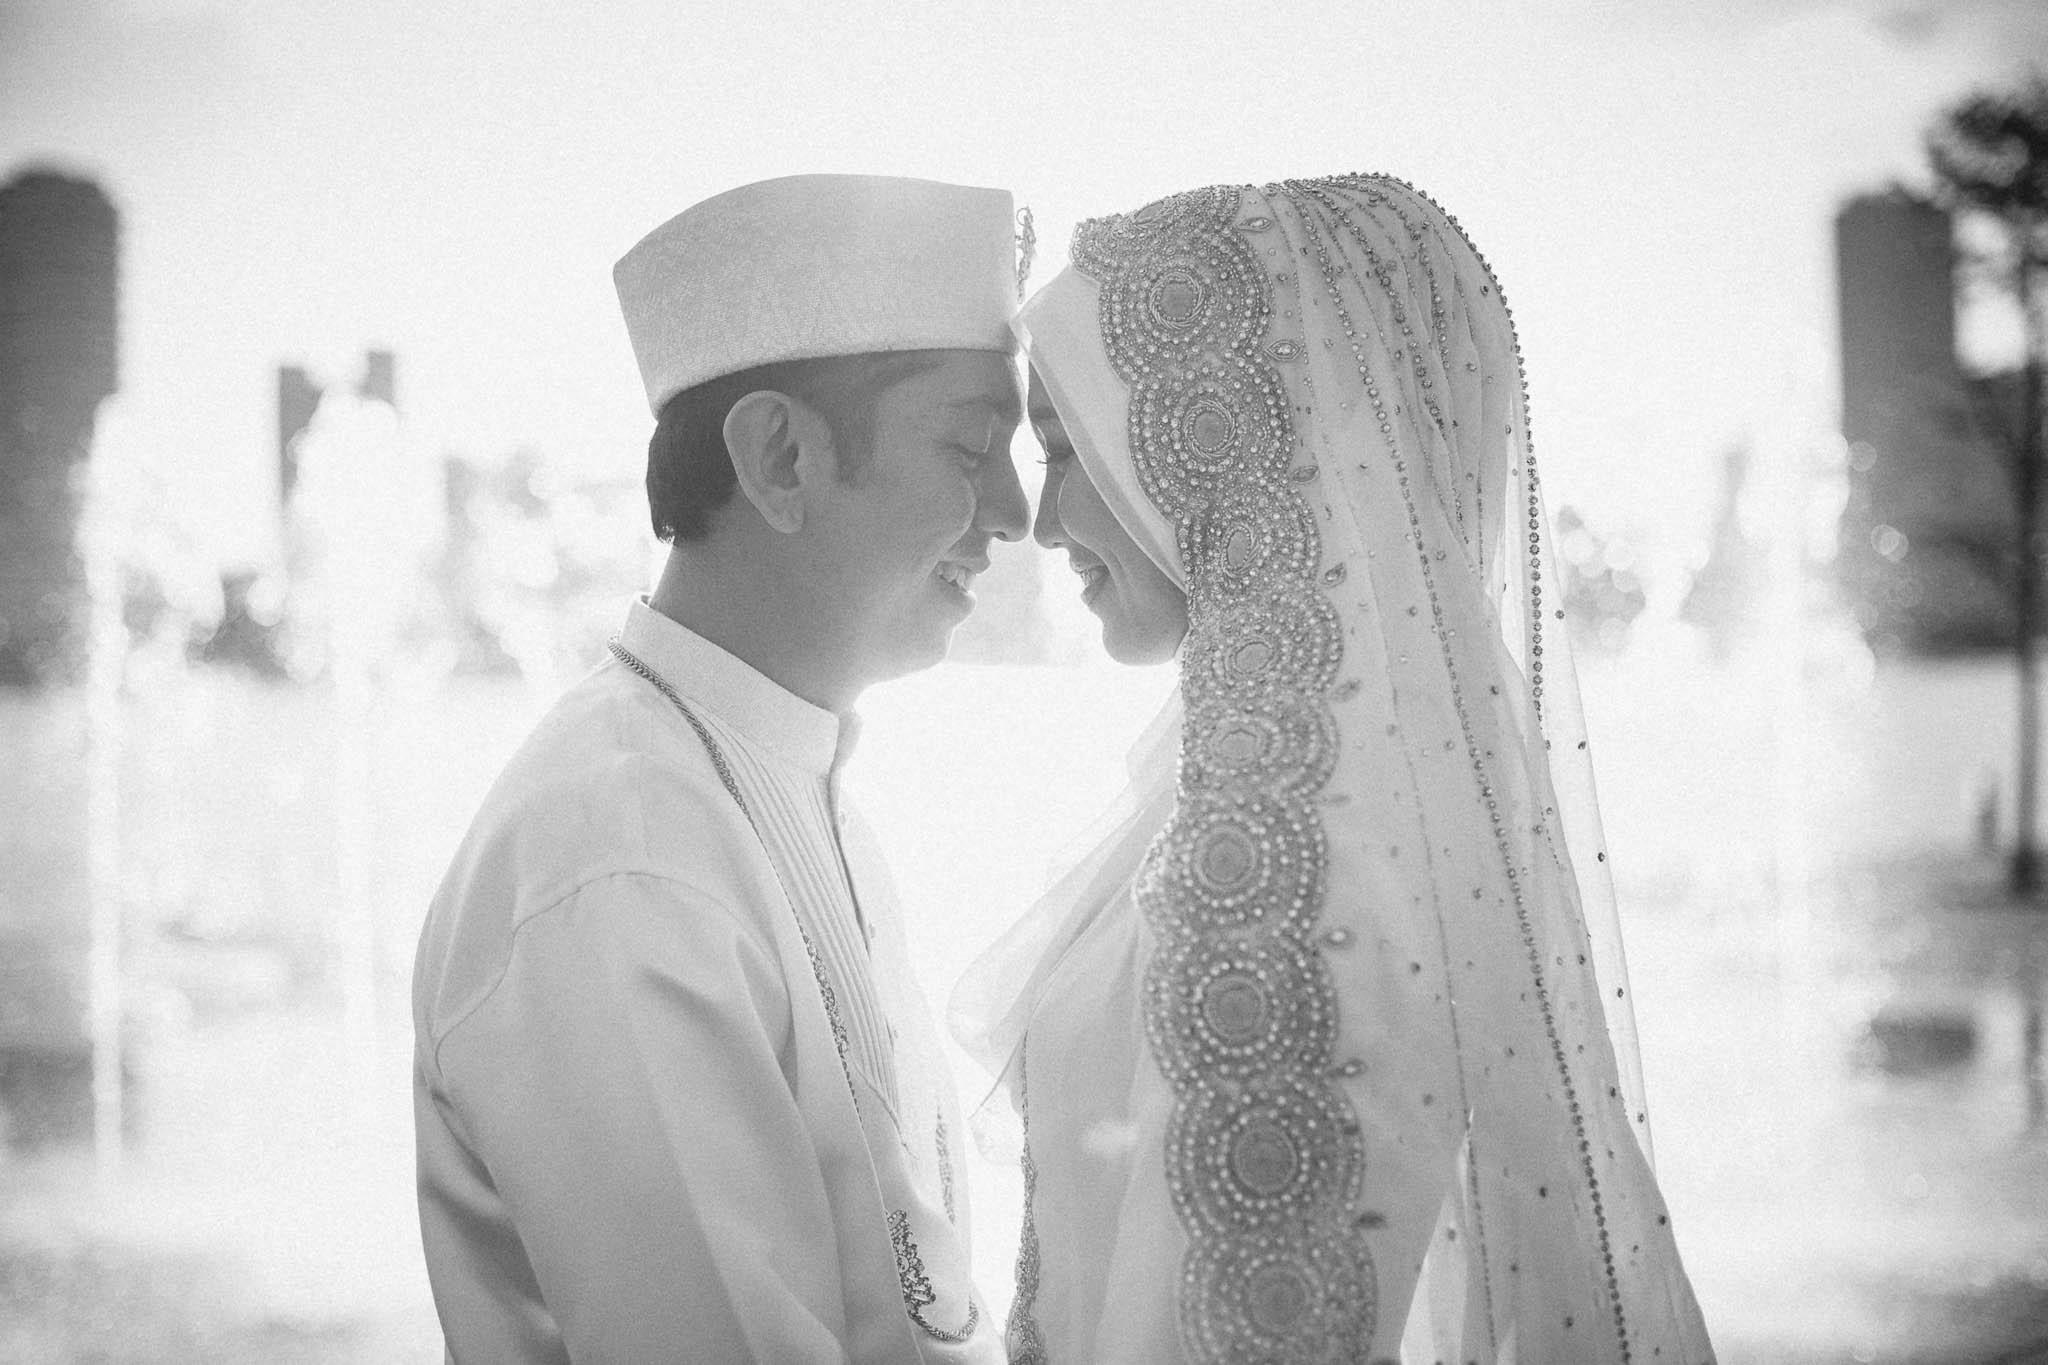 singapore-wedding-photographer-wemadethese-bw-006.jpg